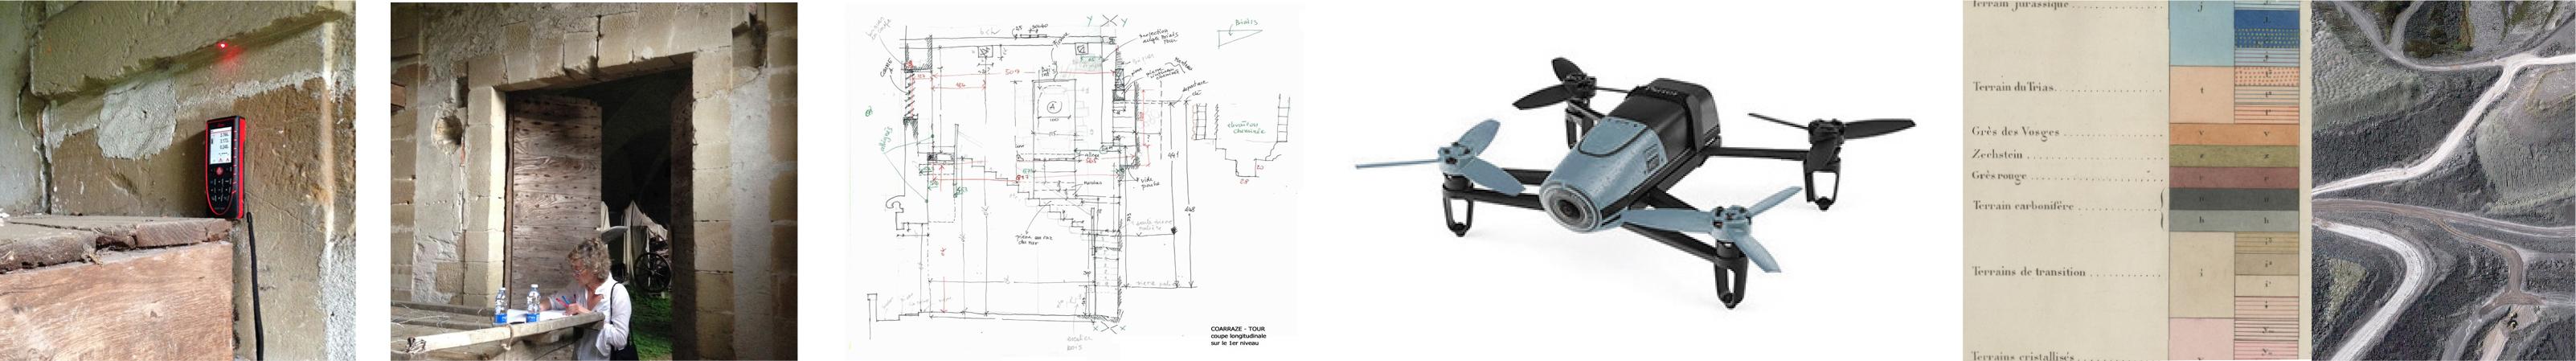 architecte_patrimoine_atelier_u3a_biuso_agence_moyens-techniques_page